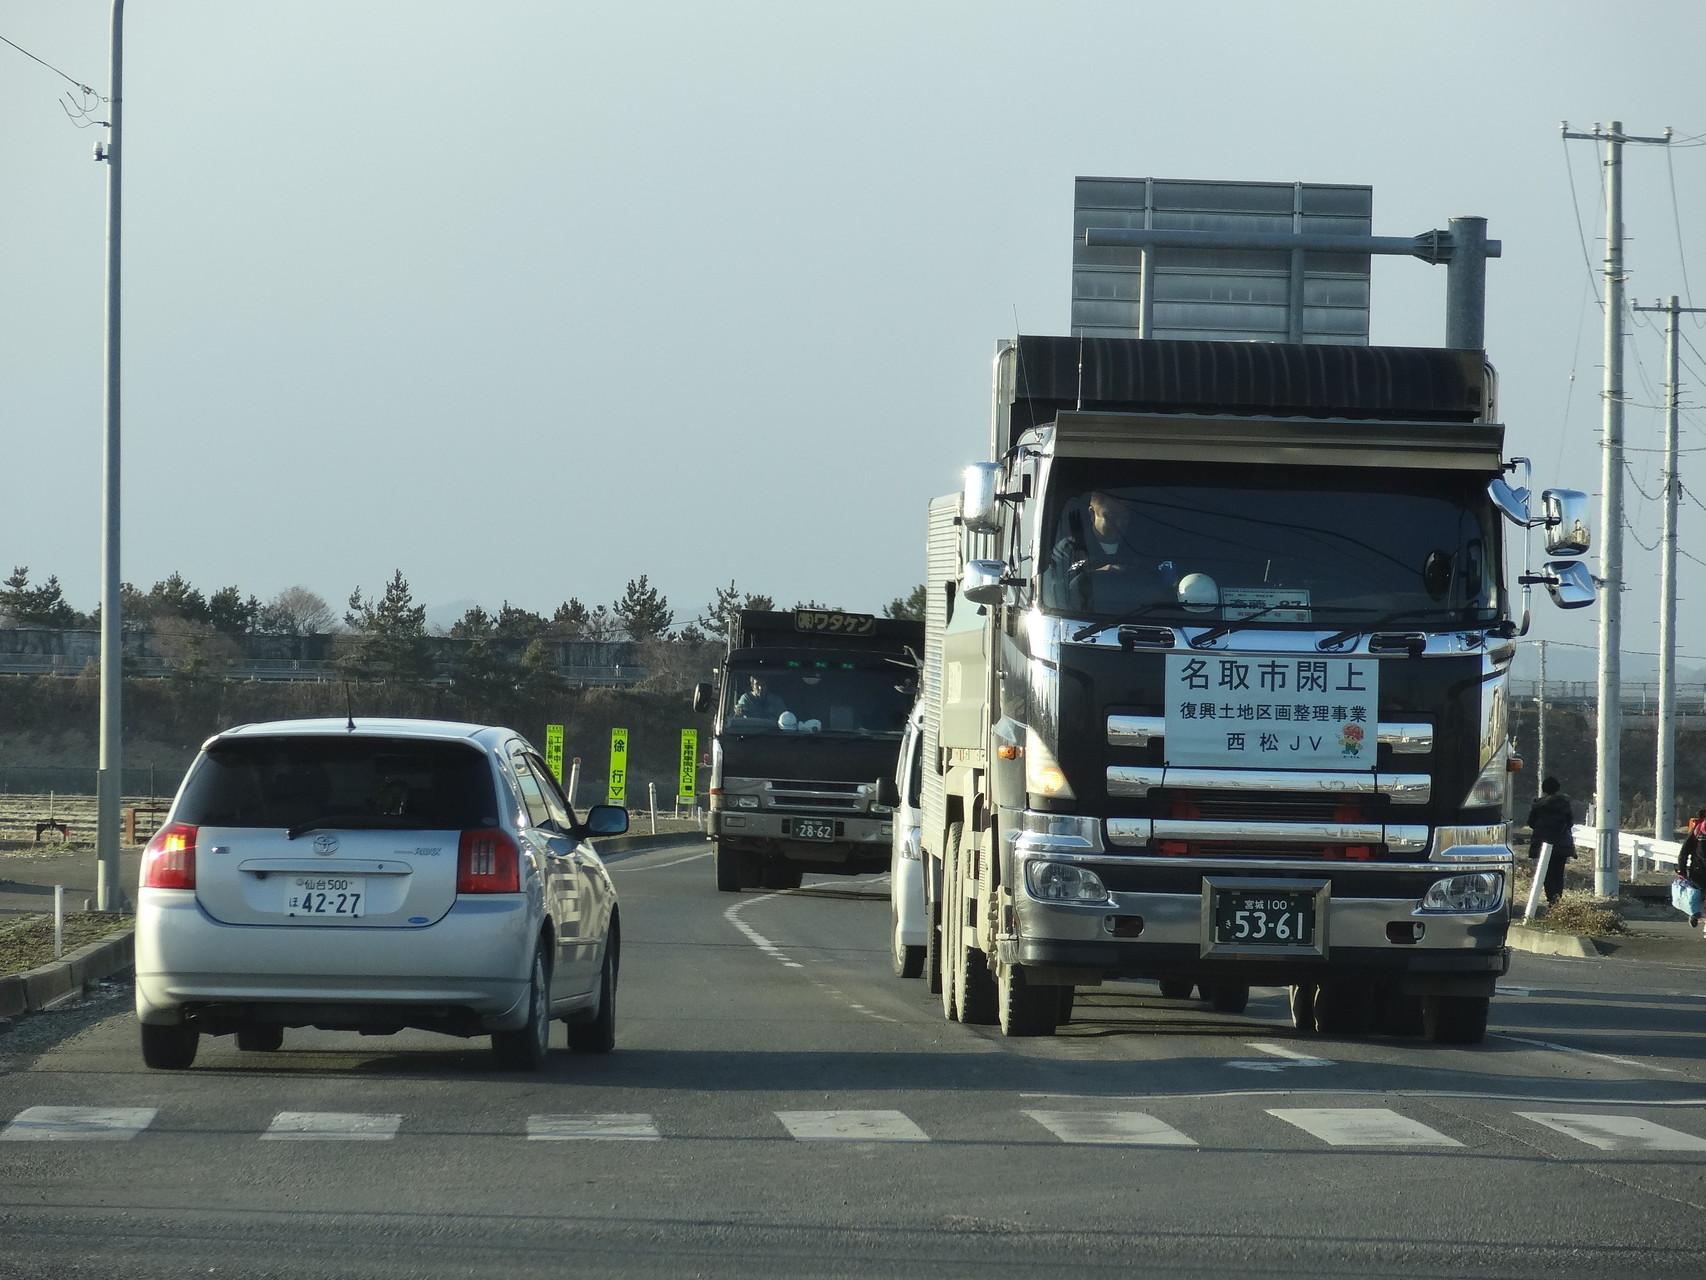 周辺では多くの工事車両が行き交っていました。